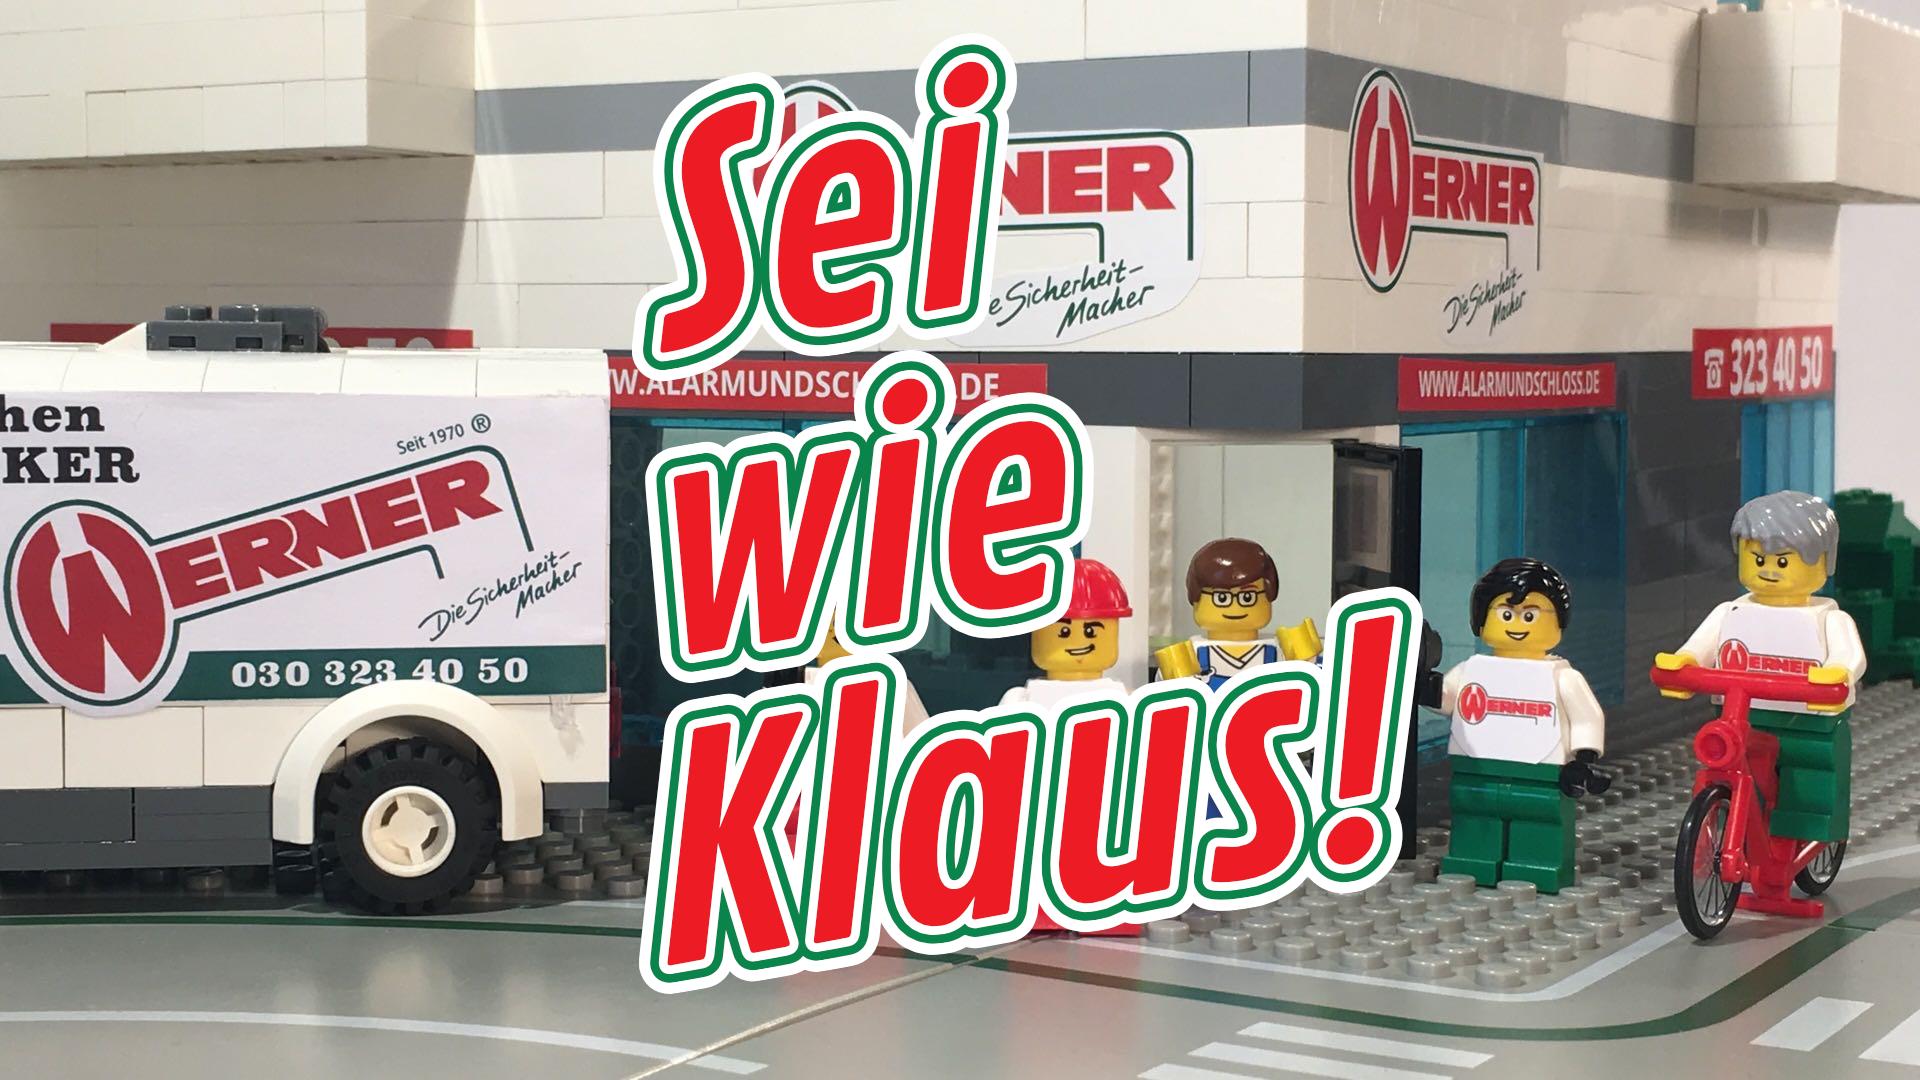 Sei wie Klaus - Werde Elektrotechniker für Einbruchmeldeanlagen bei der Werner Alarmanlagen GmbH